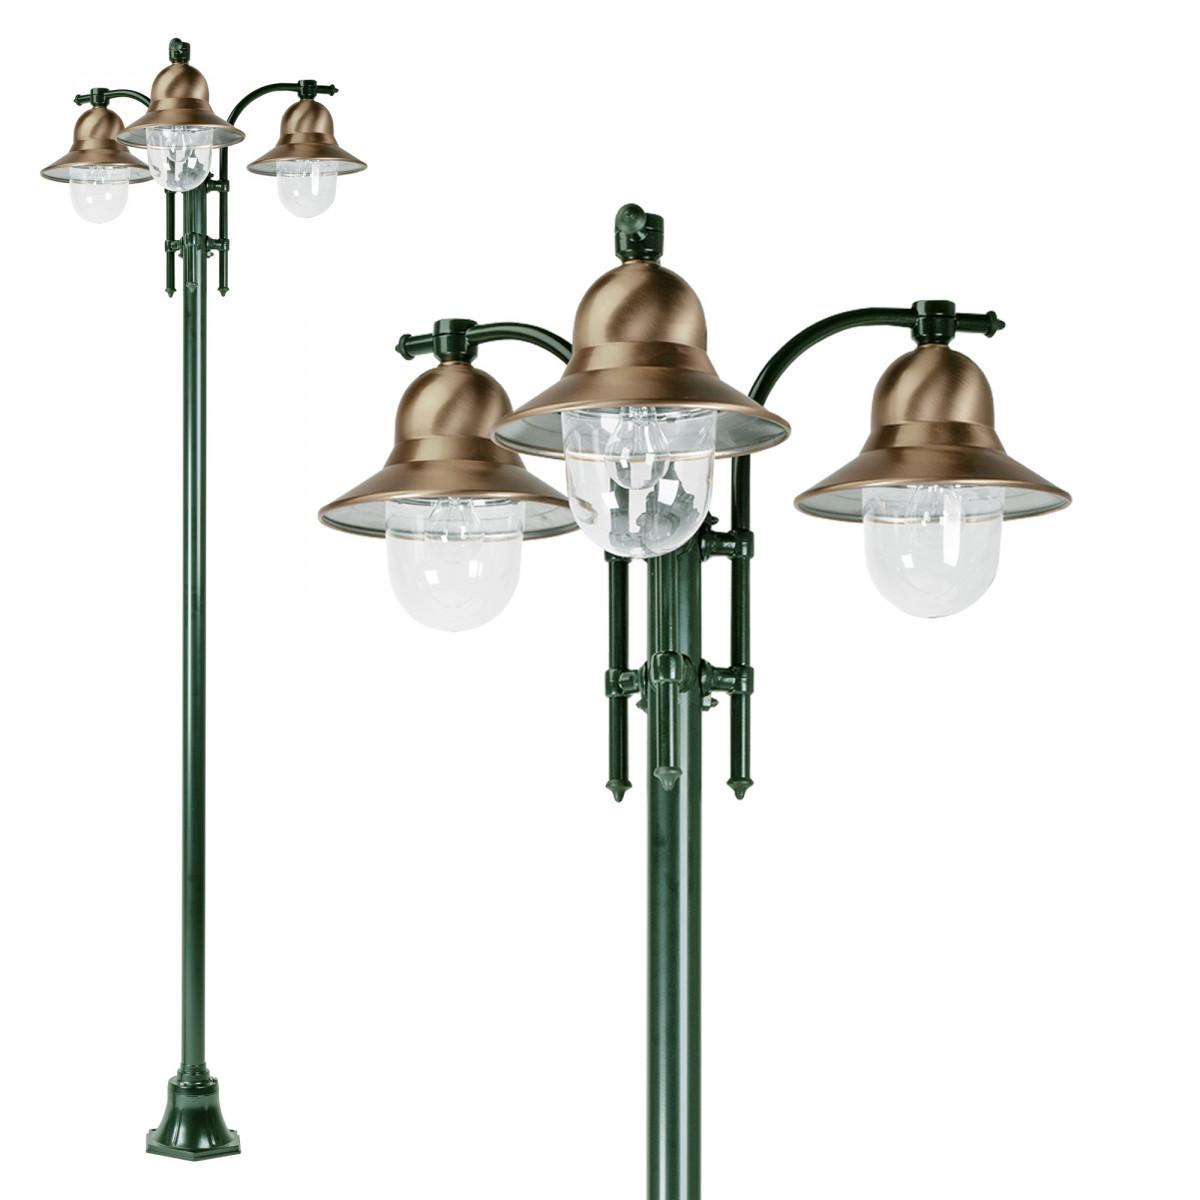 Tuinlantaarn Toscane 3-lichts